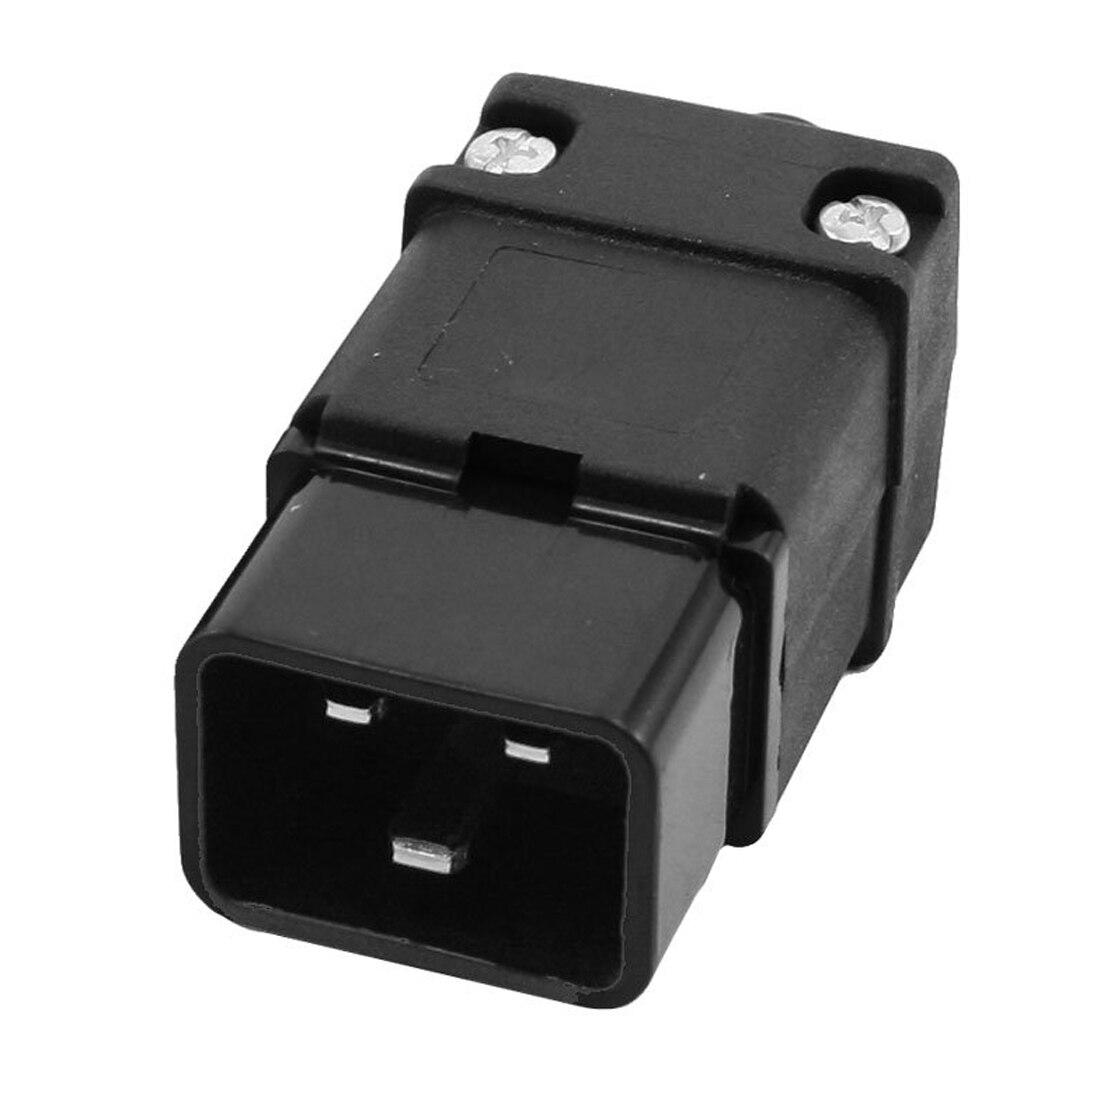 Новые поступление 2 в 1 16a 250vac IEC320 серии C19 Plug C20 разъем для Мощность шнур